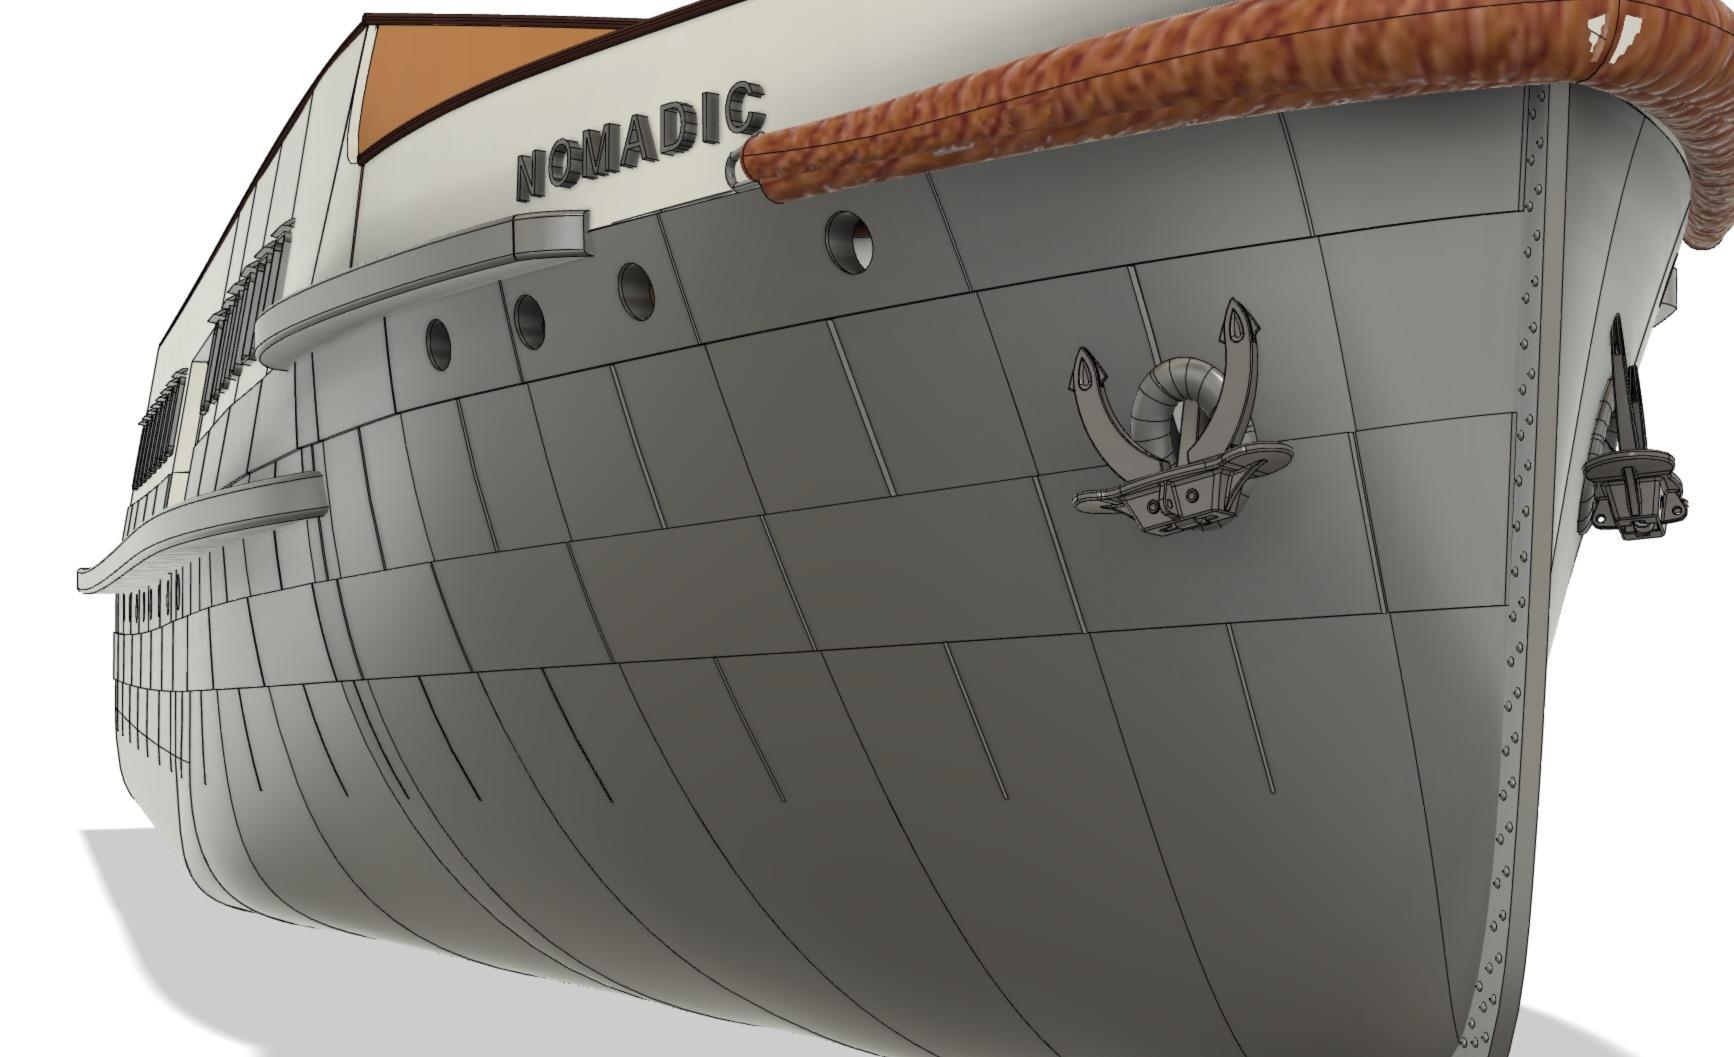 SS Nomadic - Le petit frère du Titanic - 1/200 - 3D [Conception] Screen39